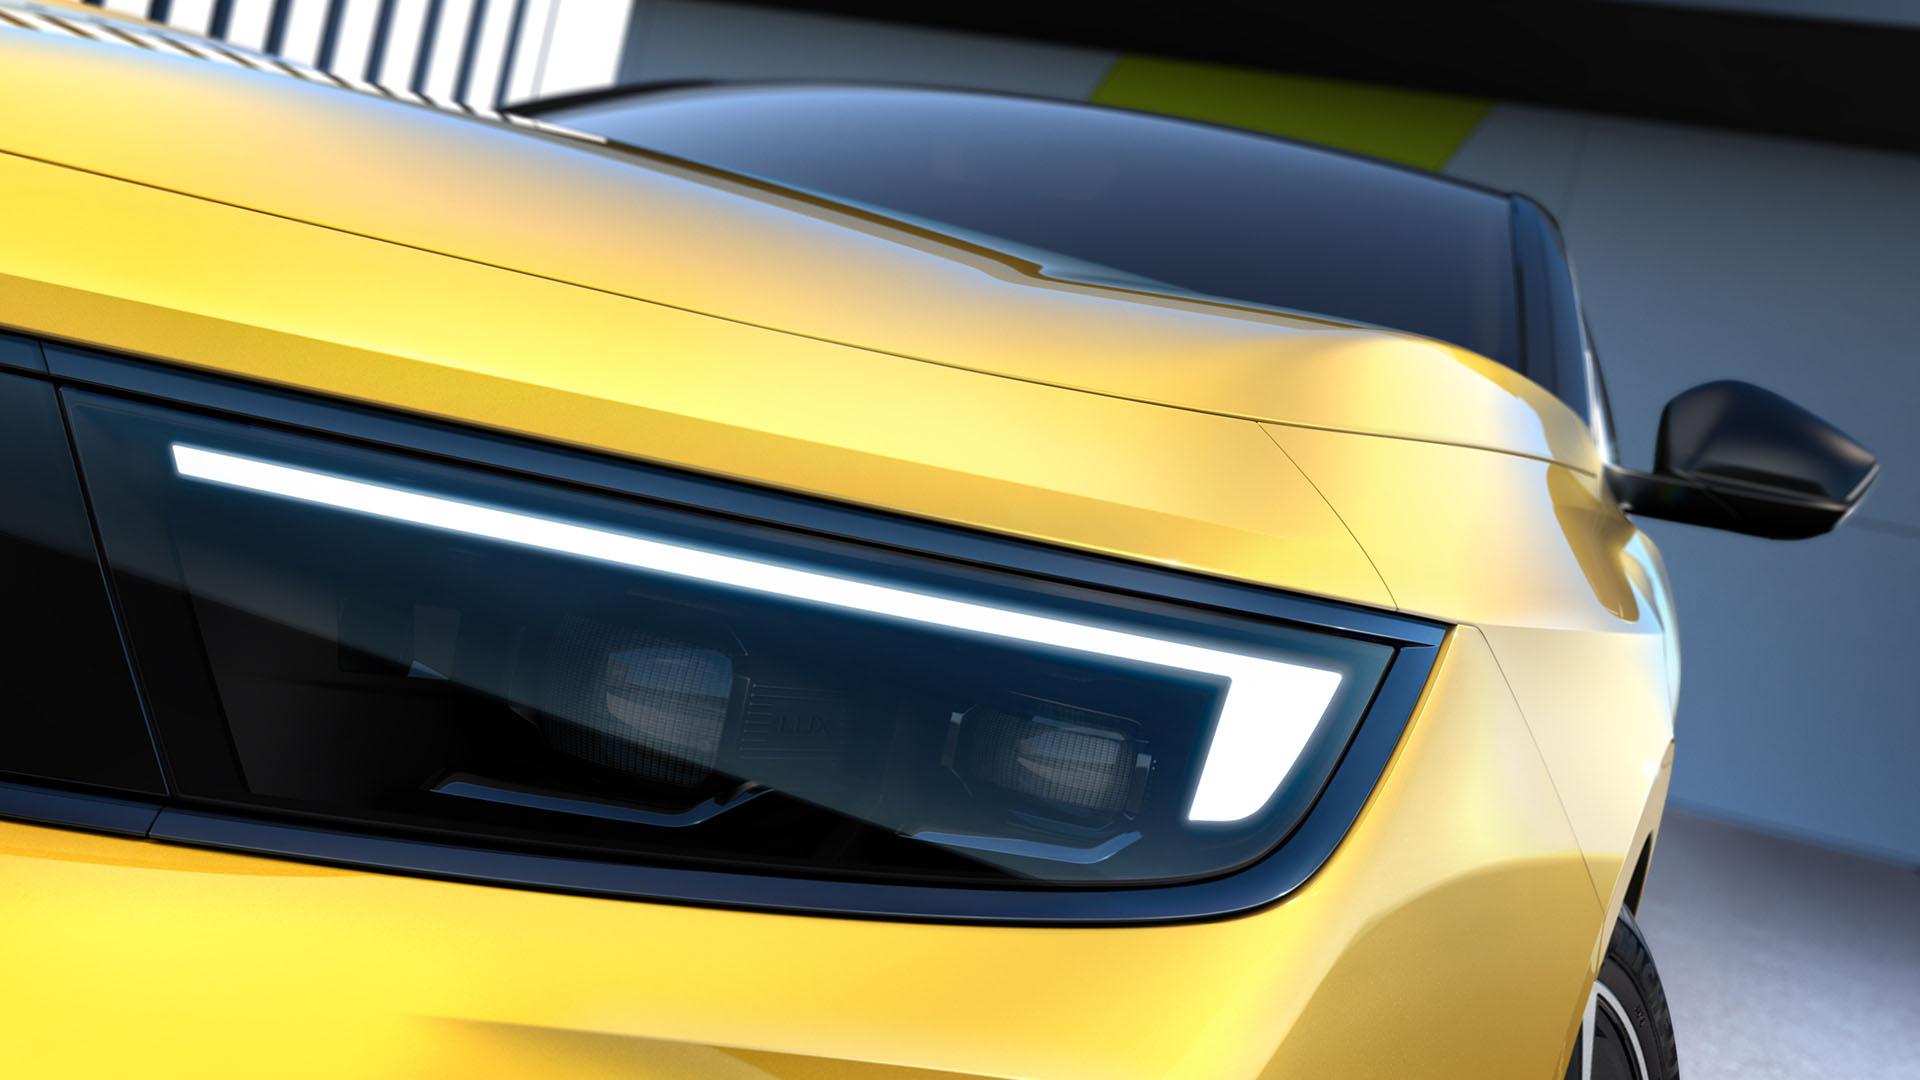 El nuevo Opel Astra 2022 al descubierto: primeras imágenes de la sexta generación